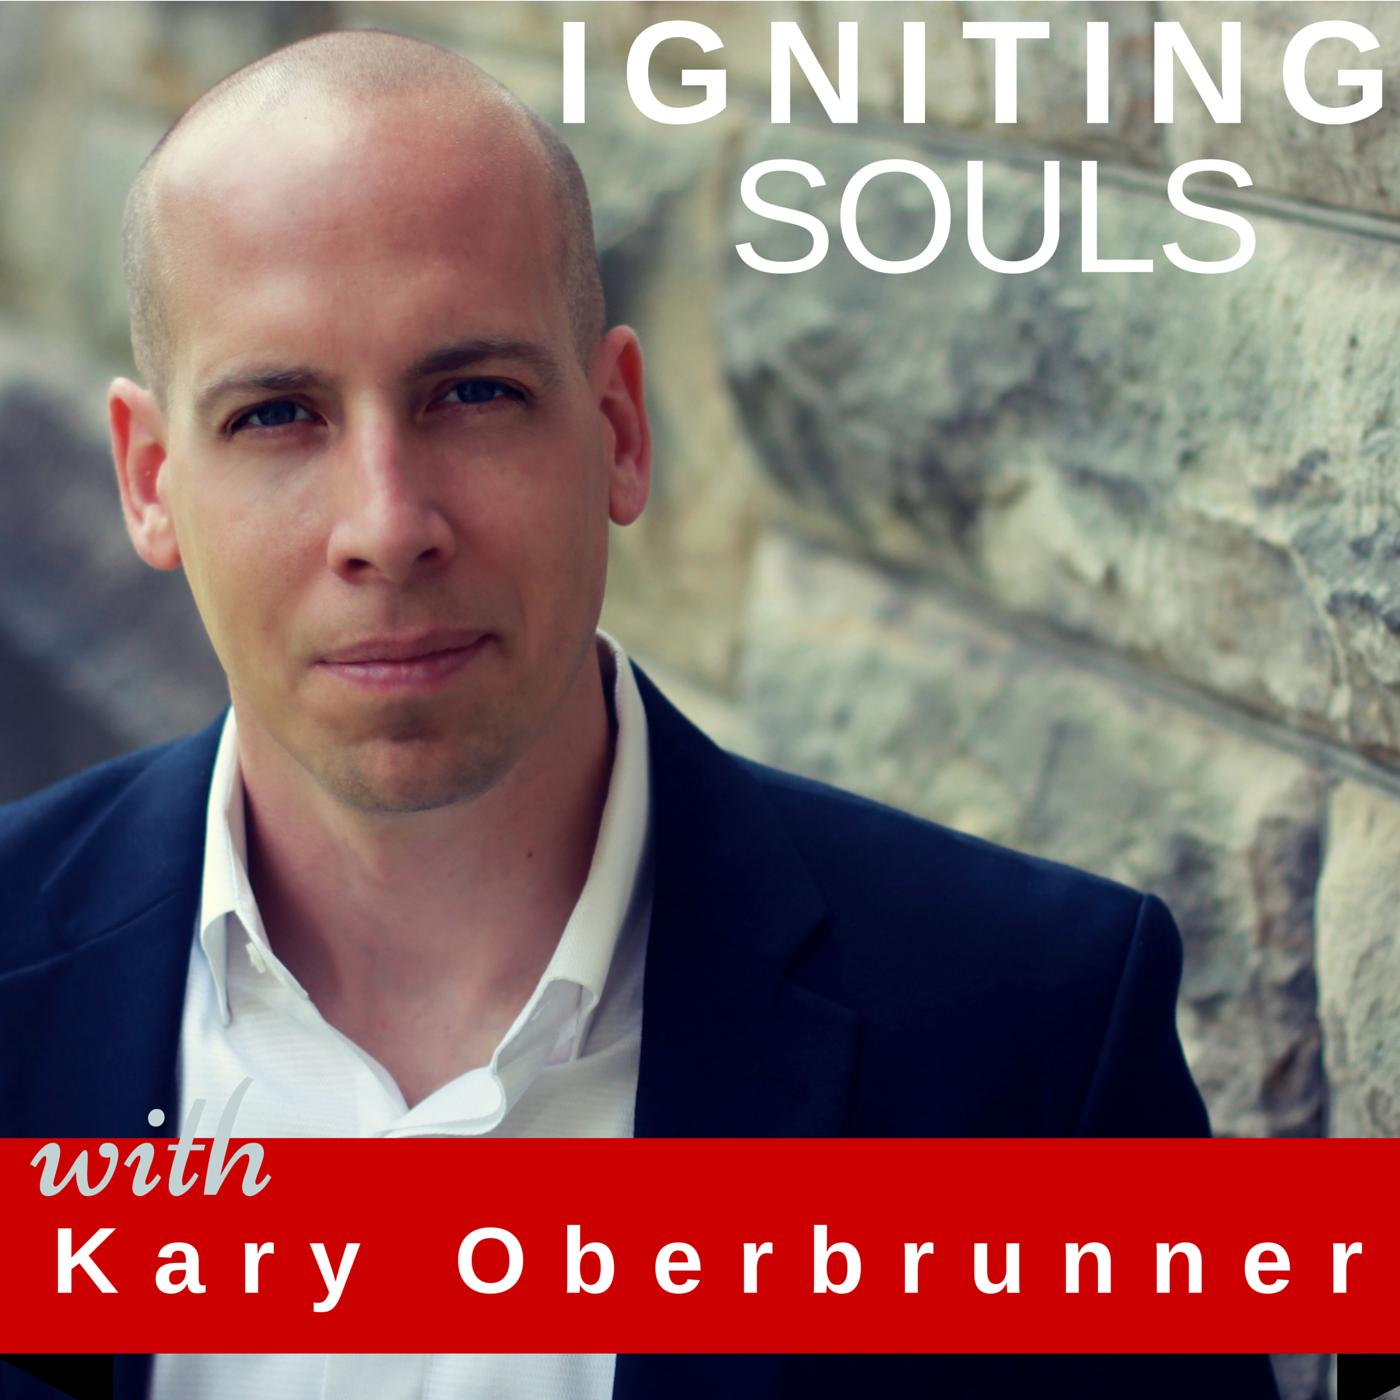 Igniting Souls